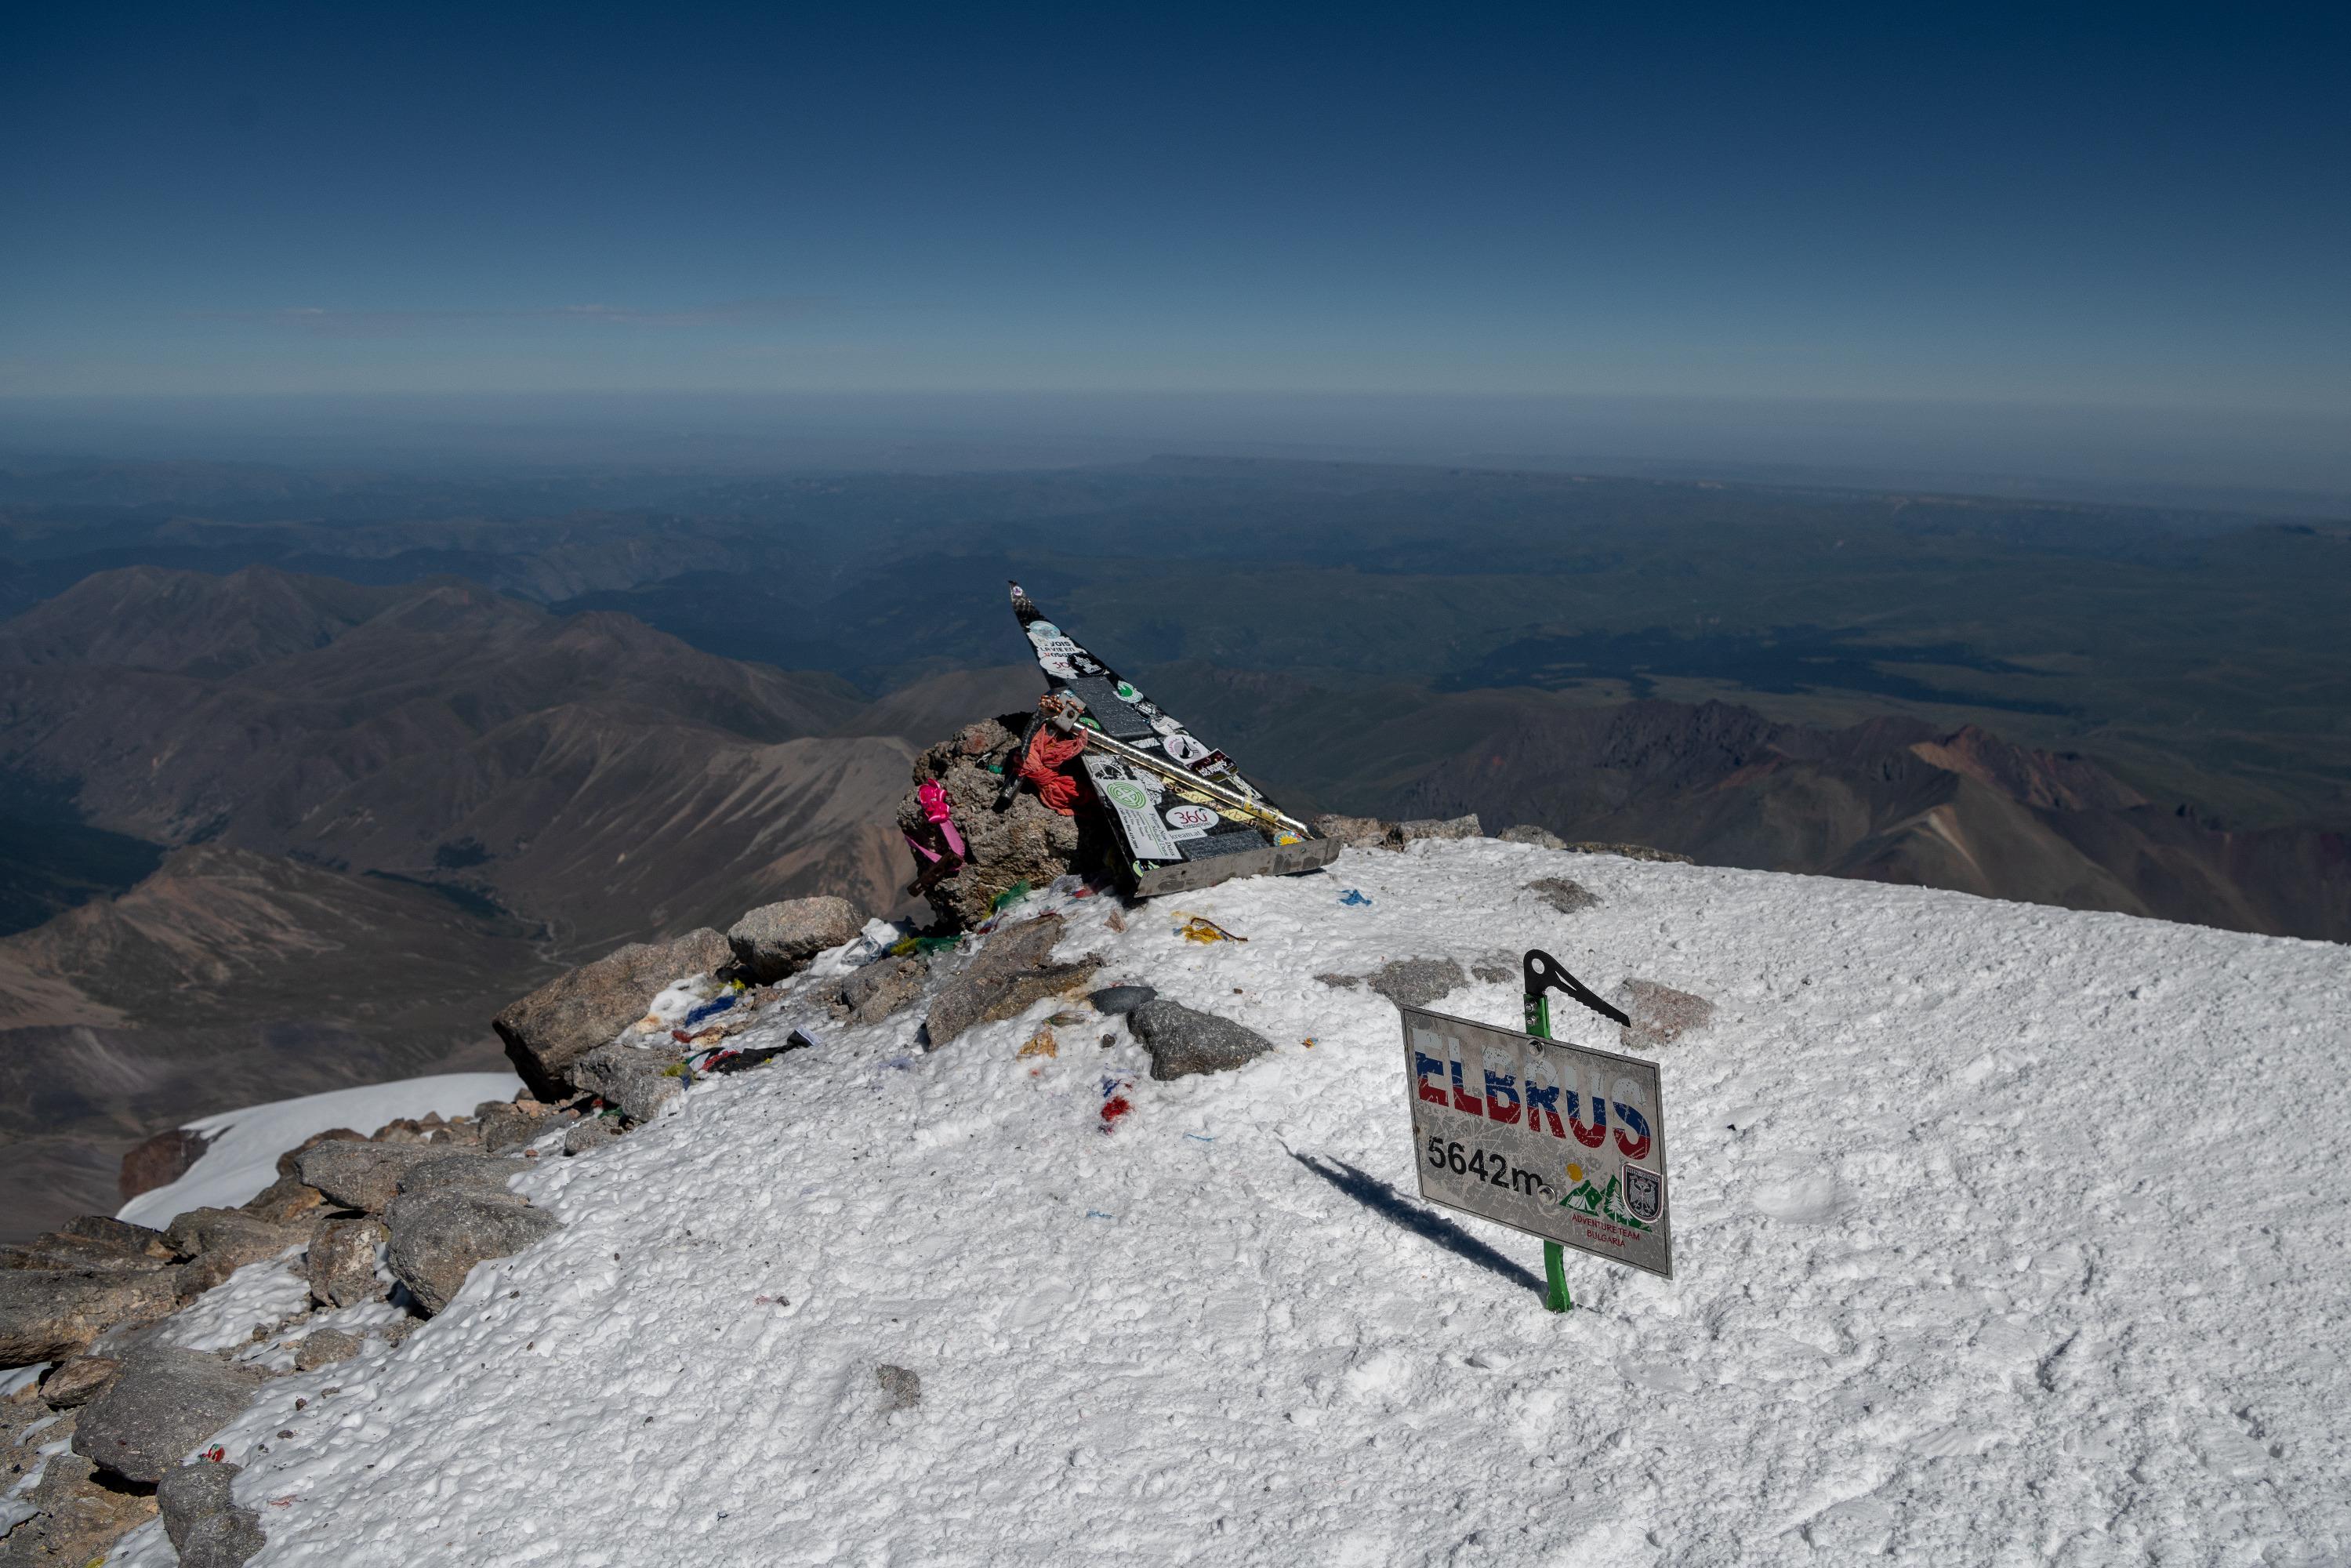 В результате группа покорила отметку в 5642 метра